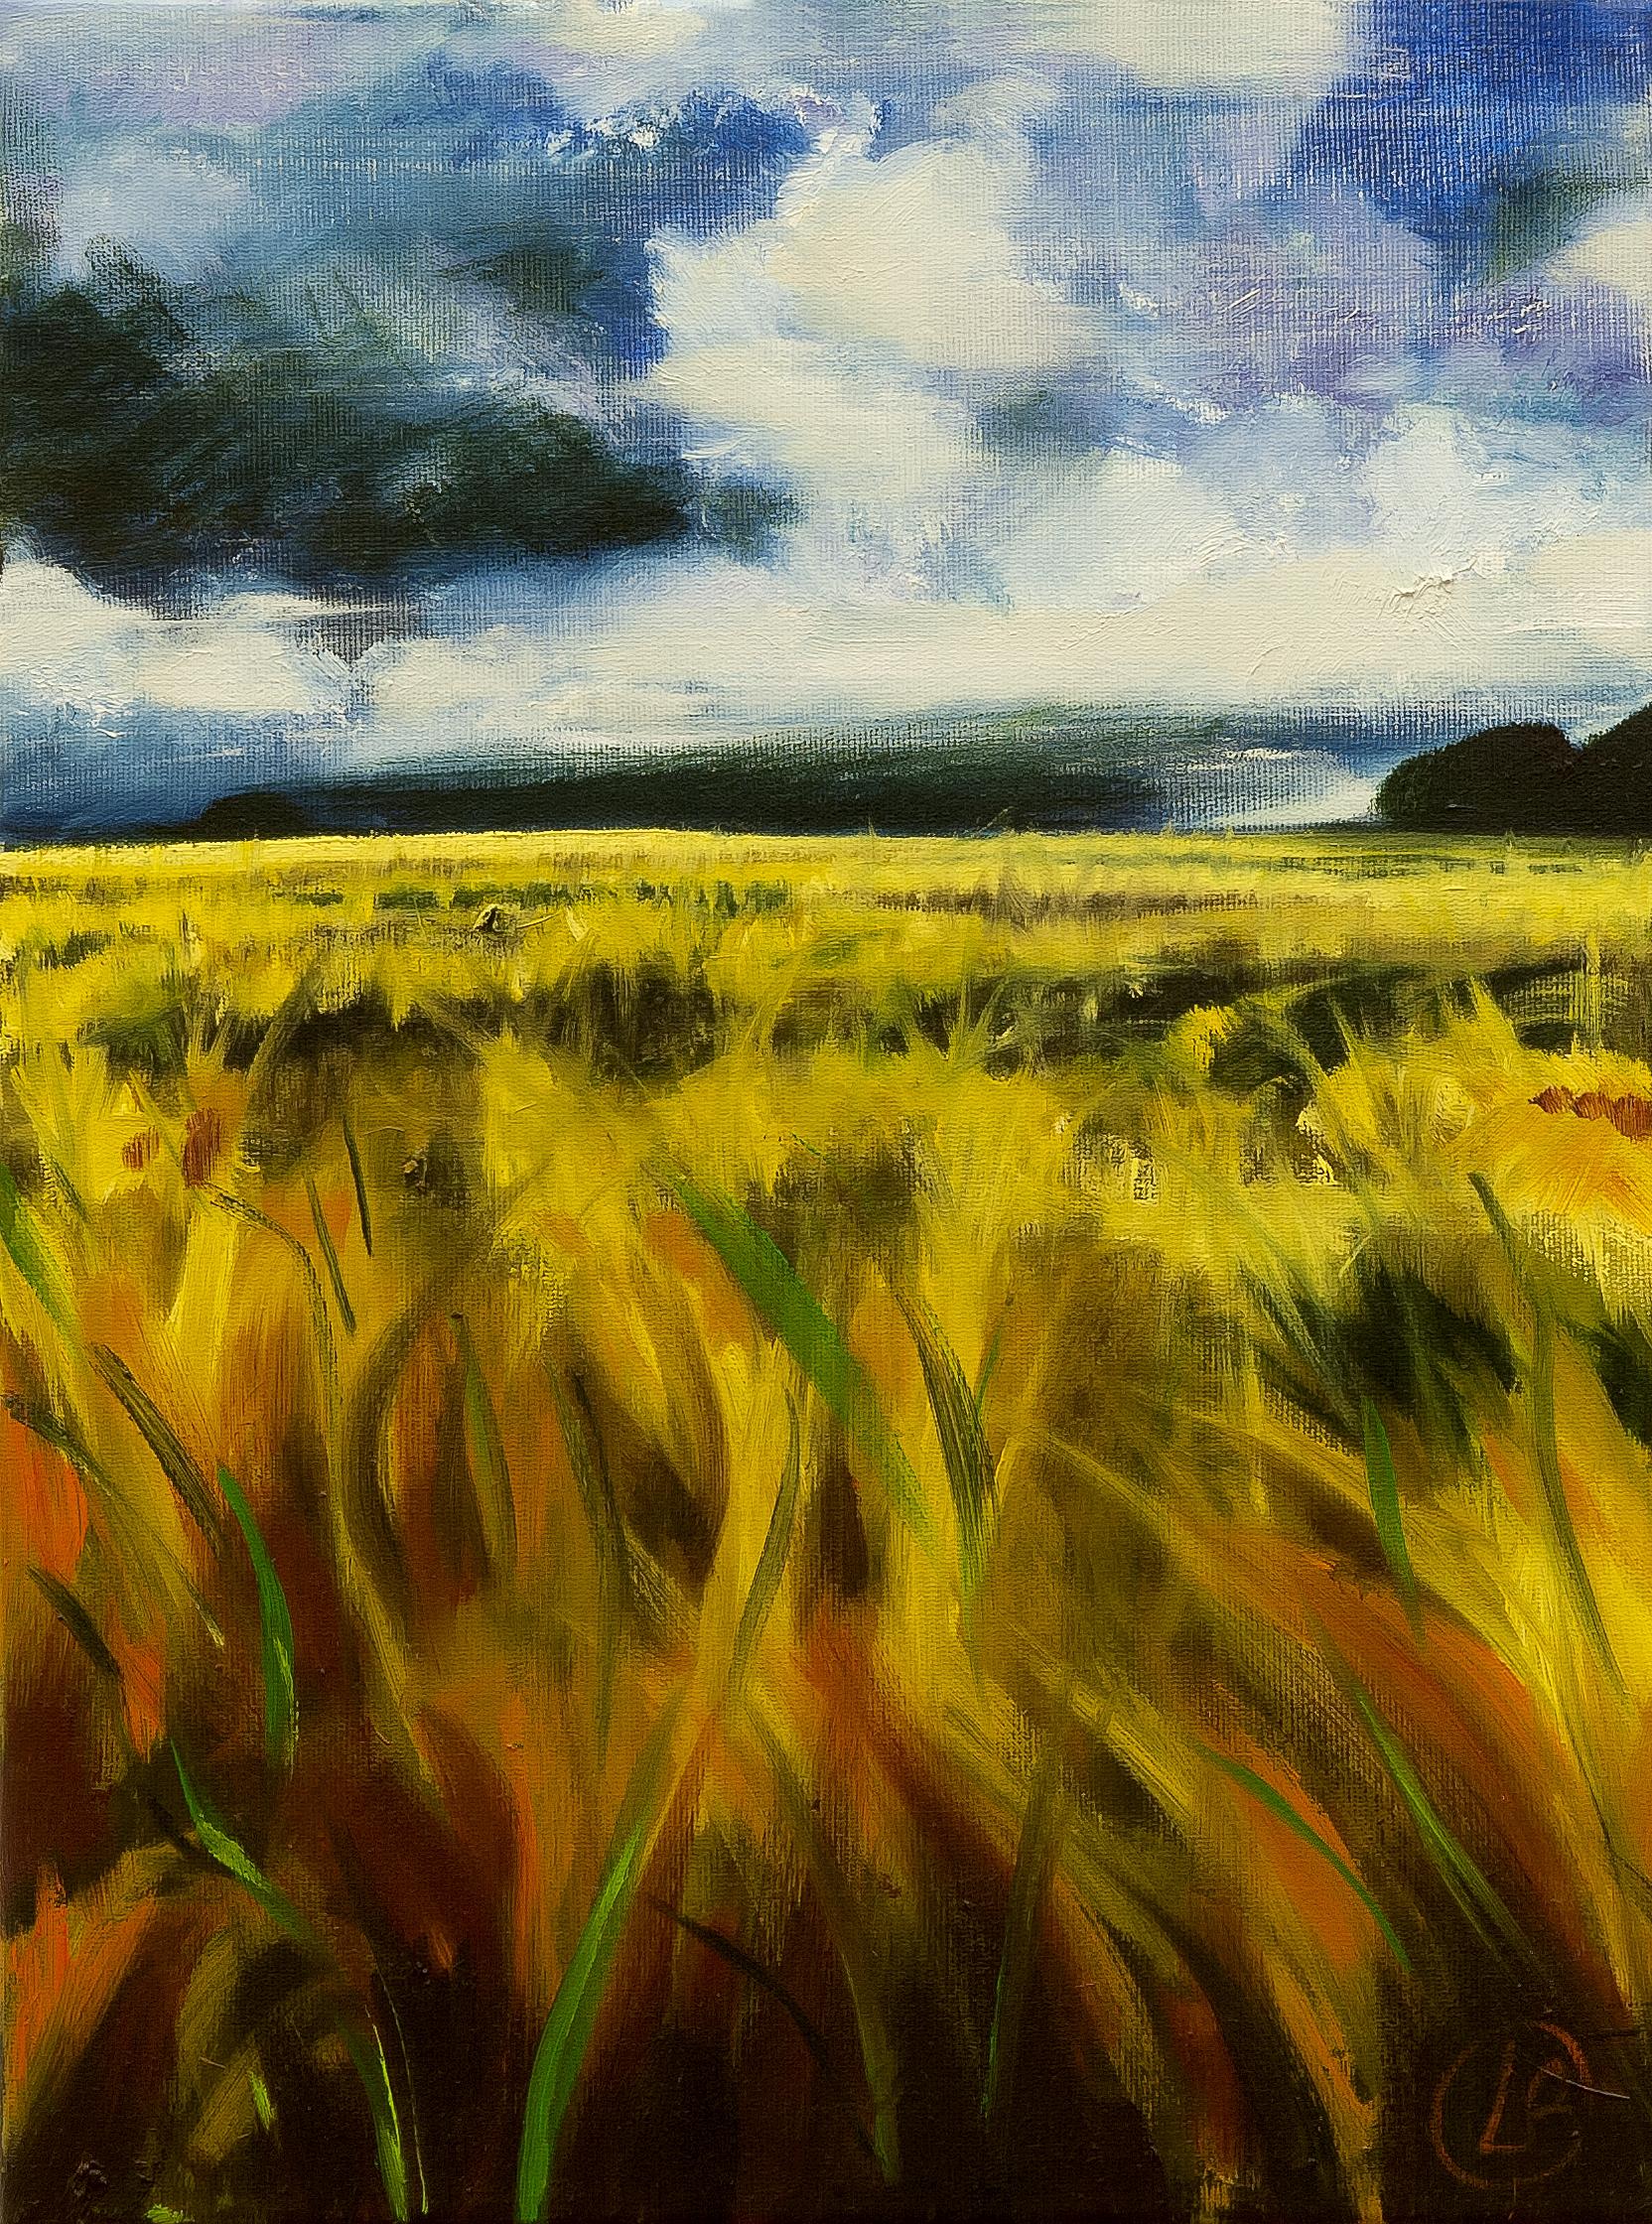 Cleddau Barleyfield #1